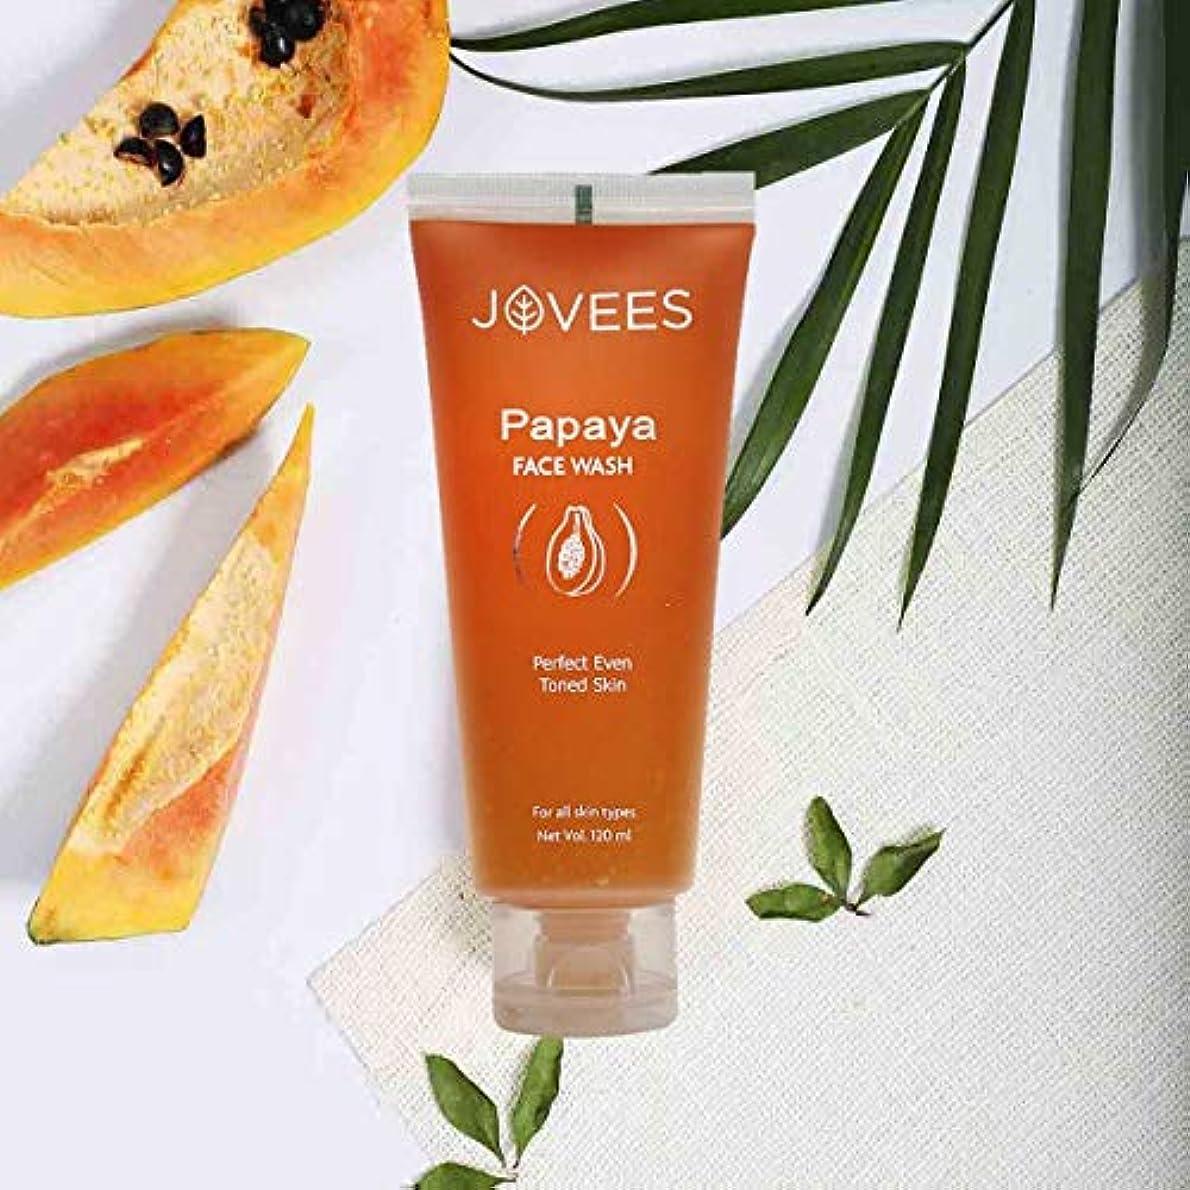 展示会未接続サンドイッチJovees Papaya Face Wash 120ml Papaya & Vitamin A For Perfect Even Toned Skin パパイヤ洗顔用パパイヤ&ビタミンA